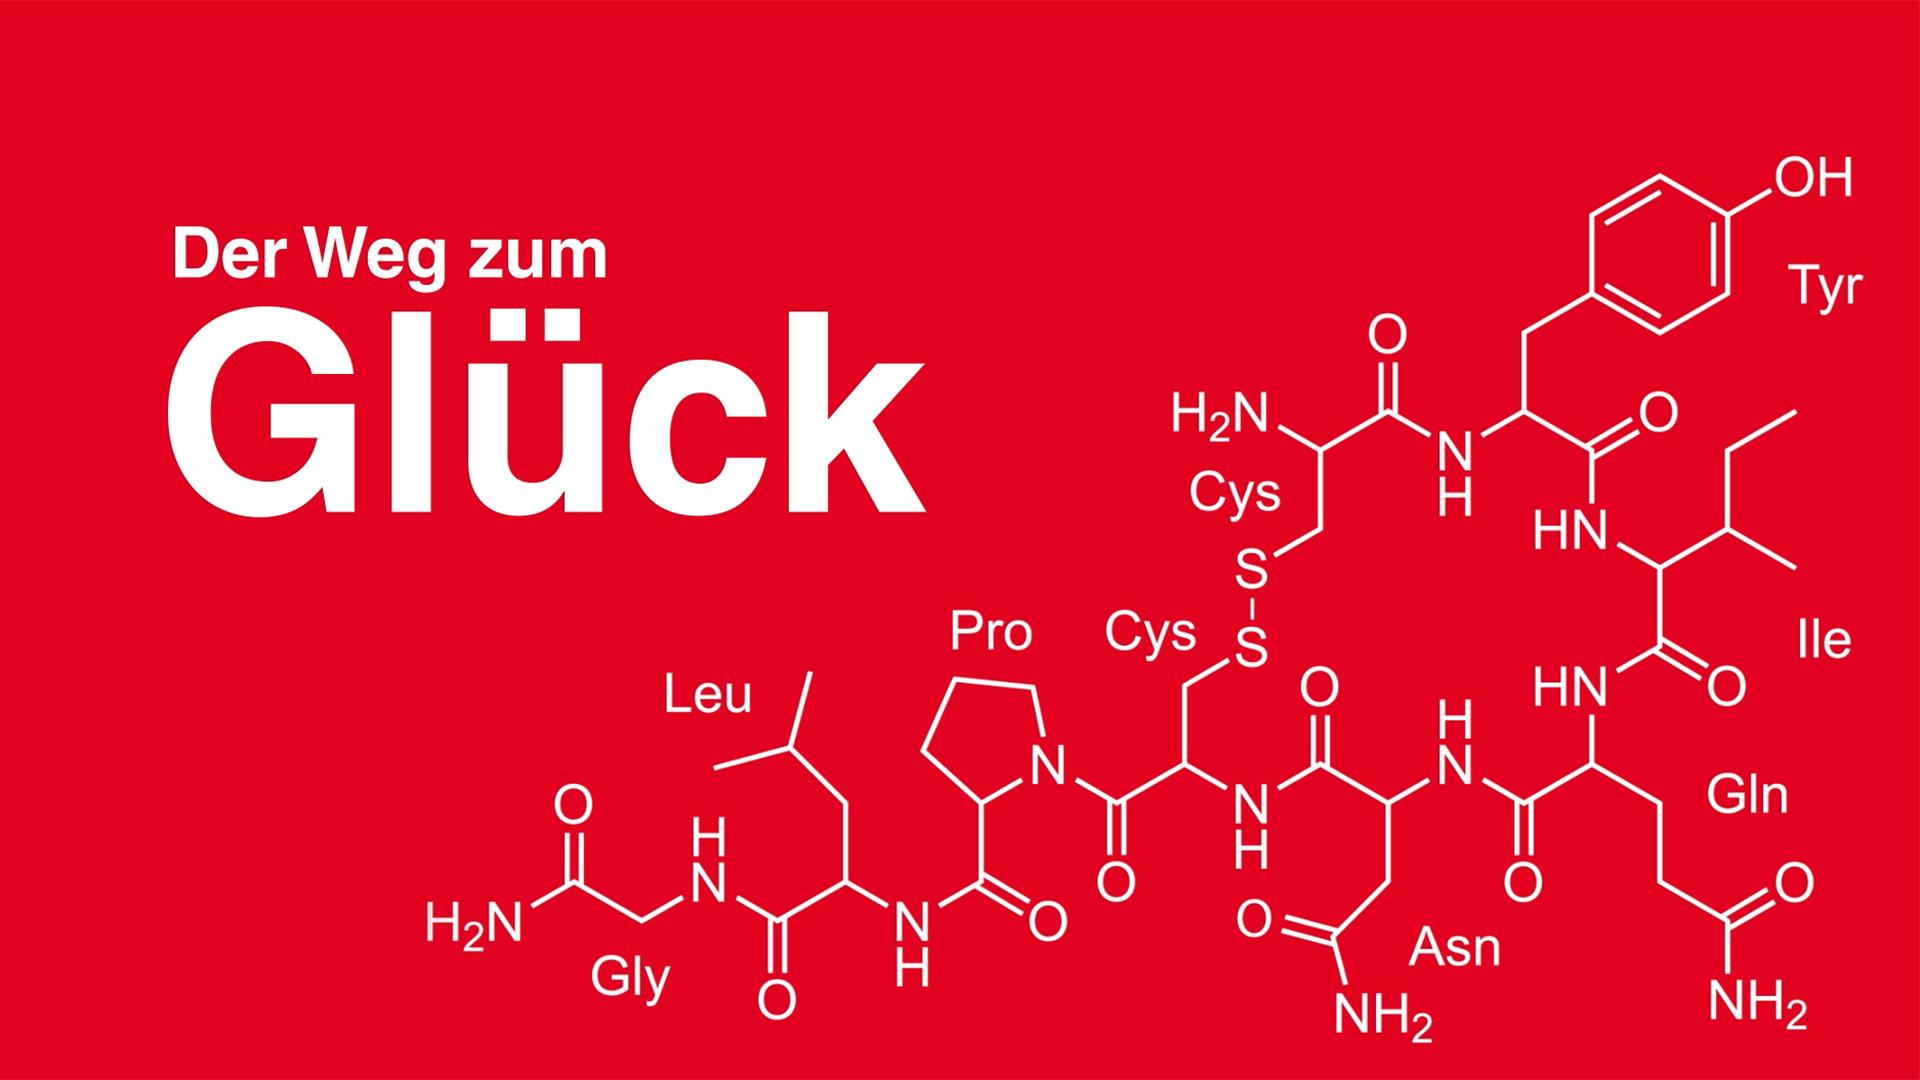 Gewinner-Bekanntgabe-Carlroth-Ihr-Weg-zum-Glueck-Glueckspaket-gewinn